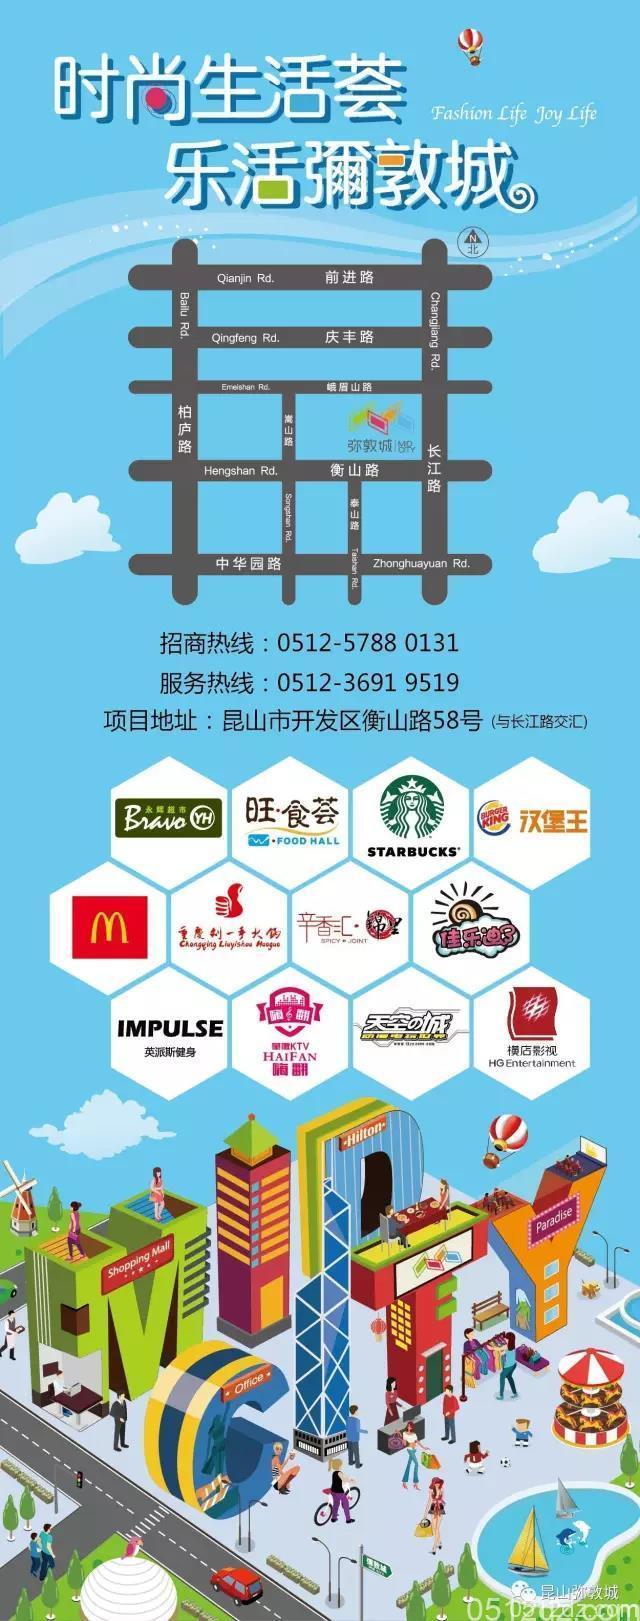 9.22-9.24弥敦城全民嗨购节、9.26至尊会员日